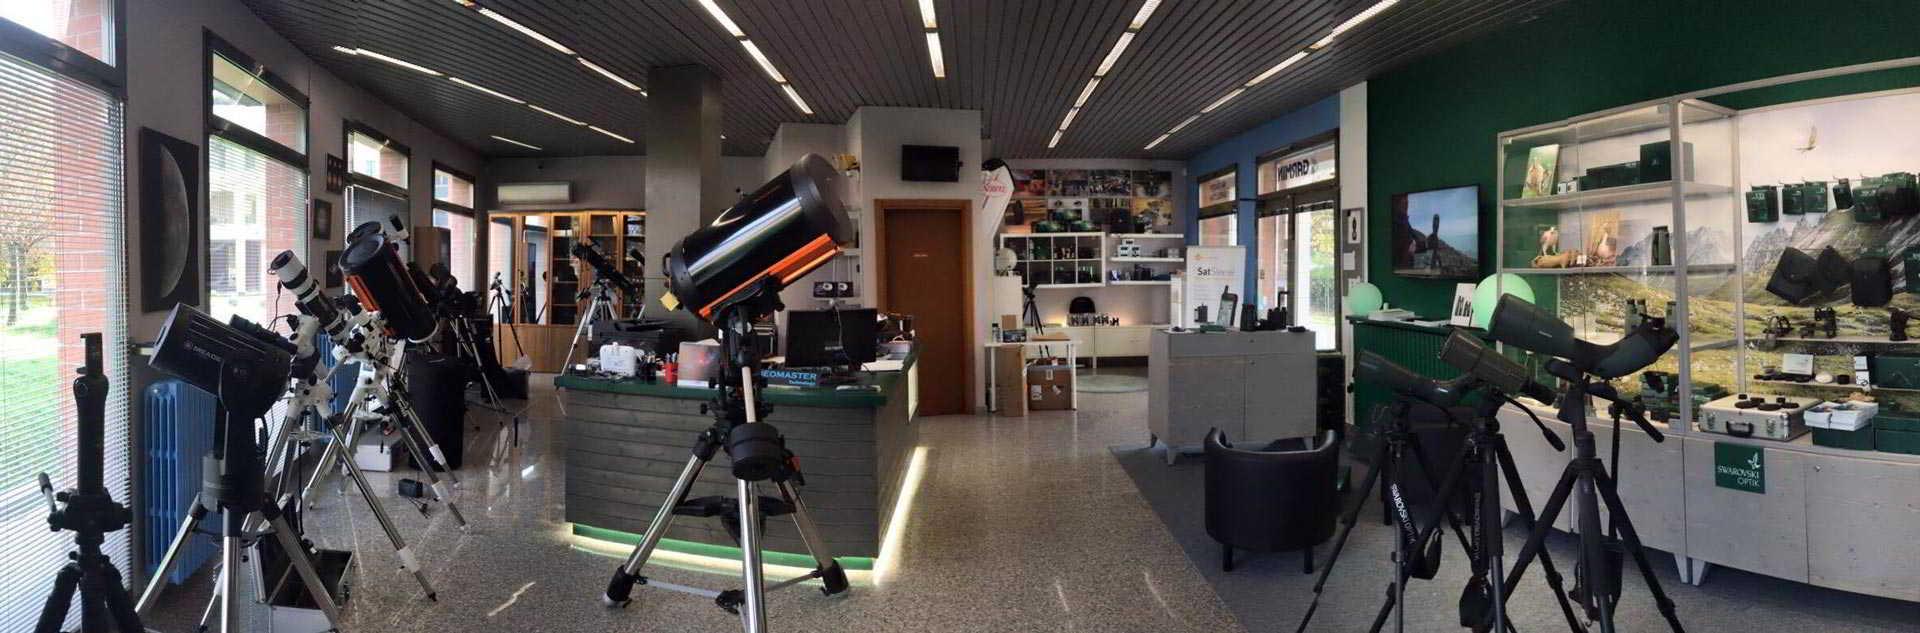 Negozio Telescopi Staroptics Modena